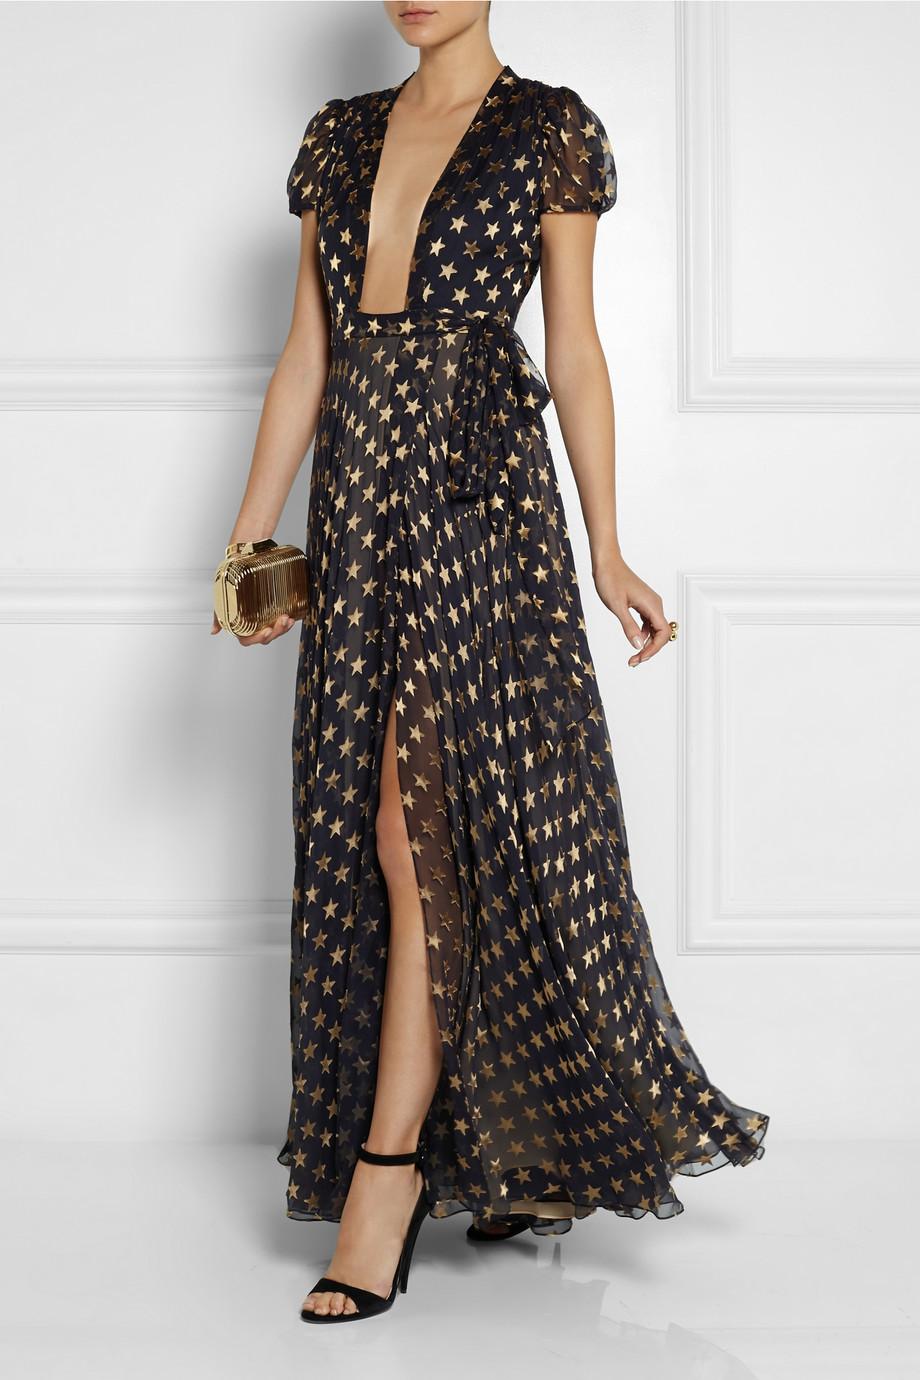 Diane von Furstenberg Silk-blend Chiffon Wrap Gown | Fancy Friday - Diane von Furstenberg Wrap Dresses